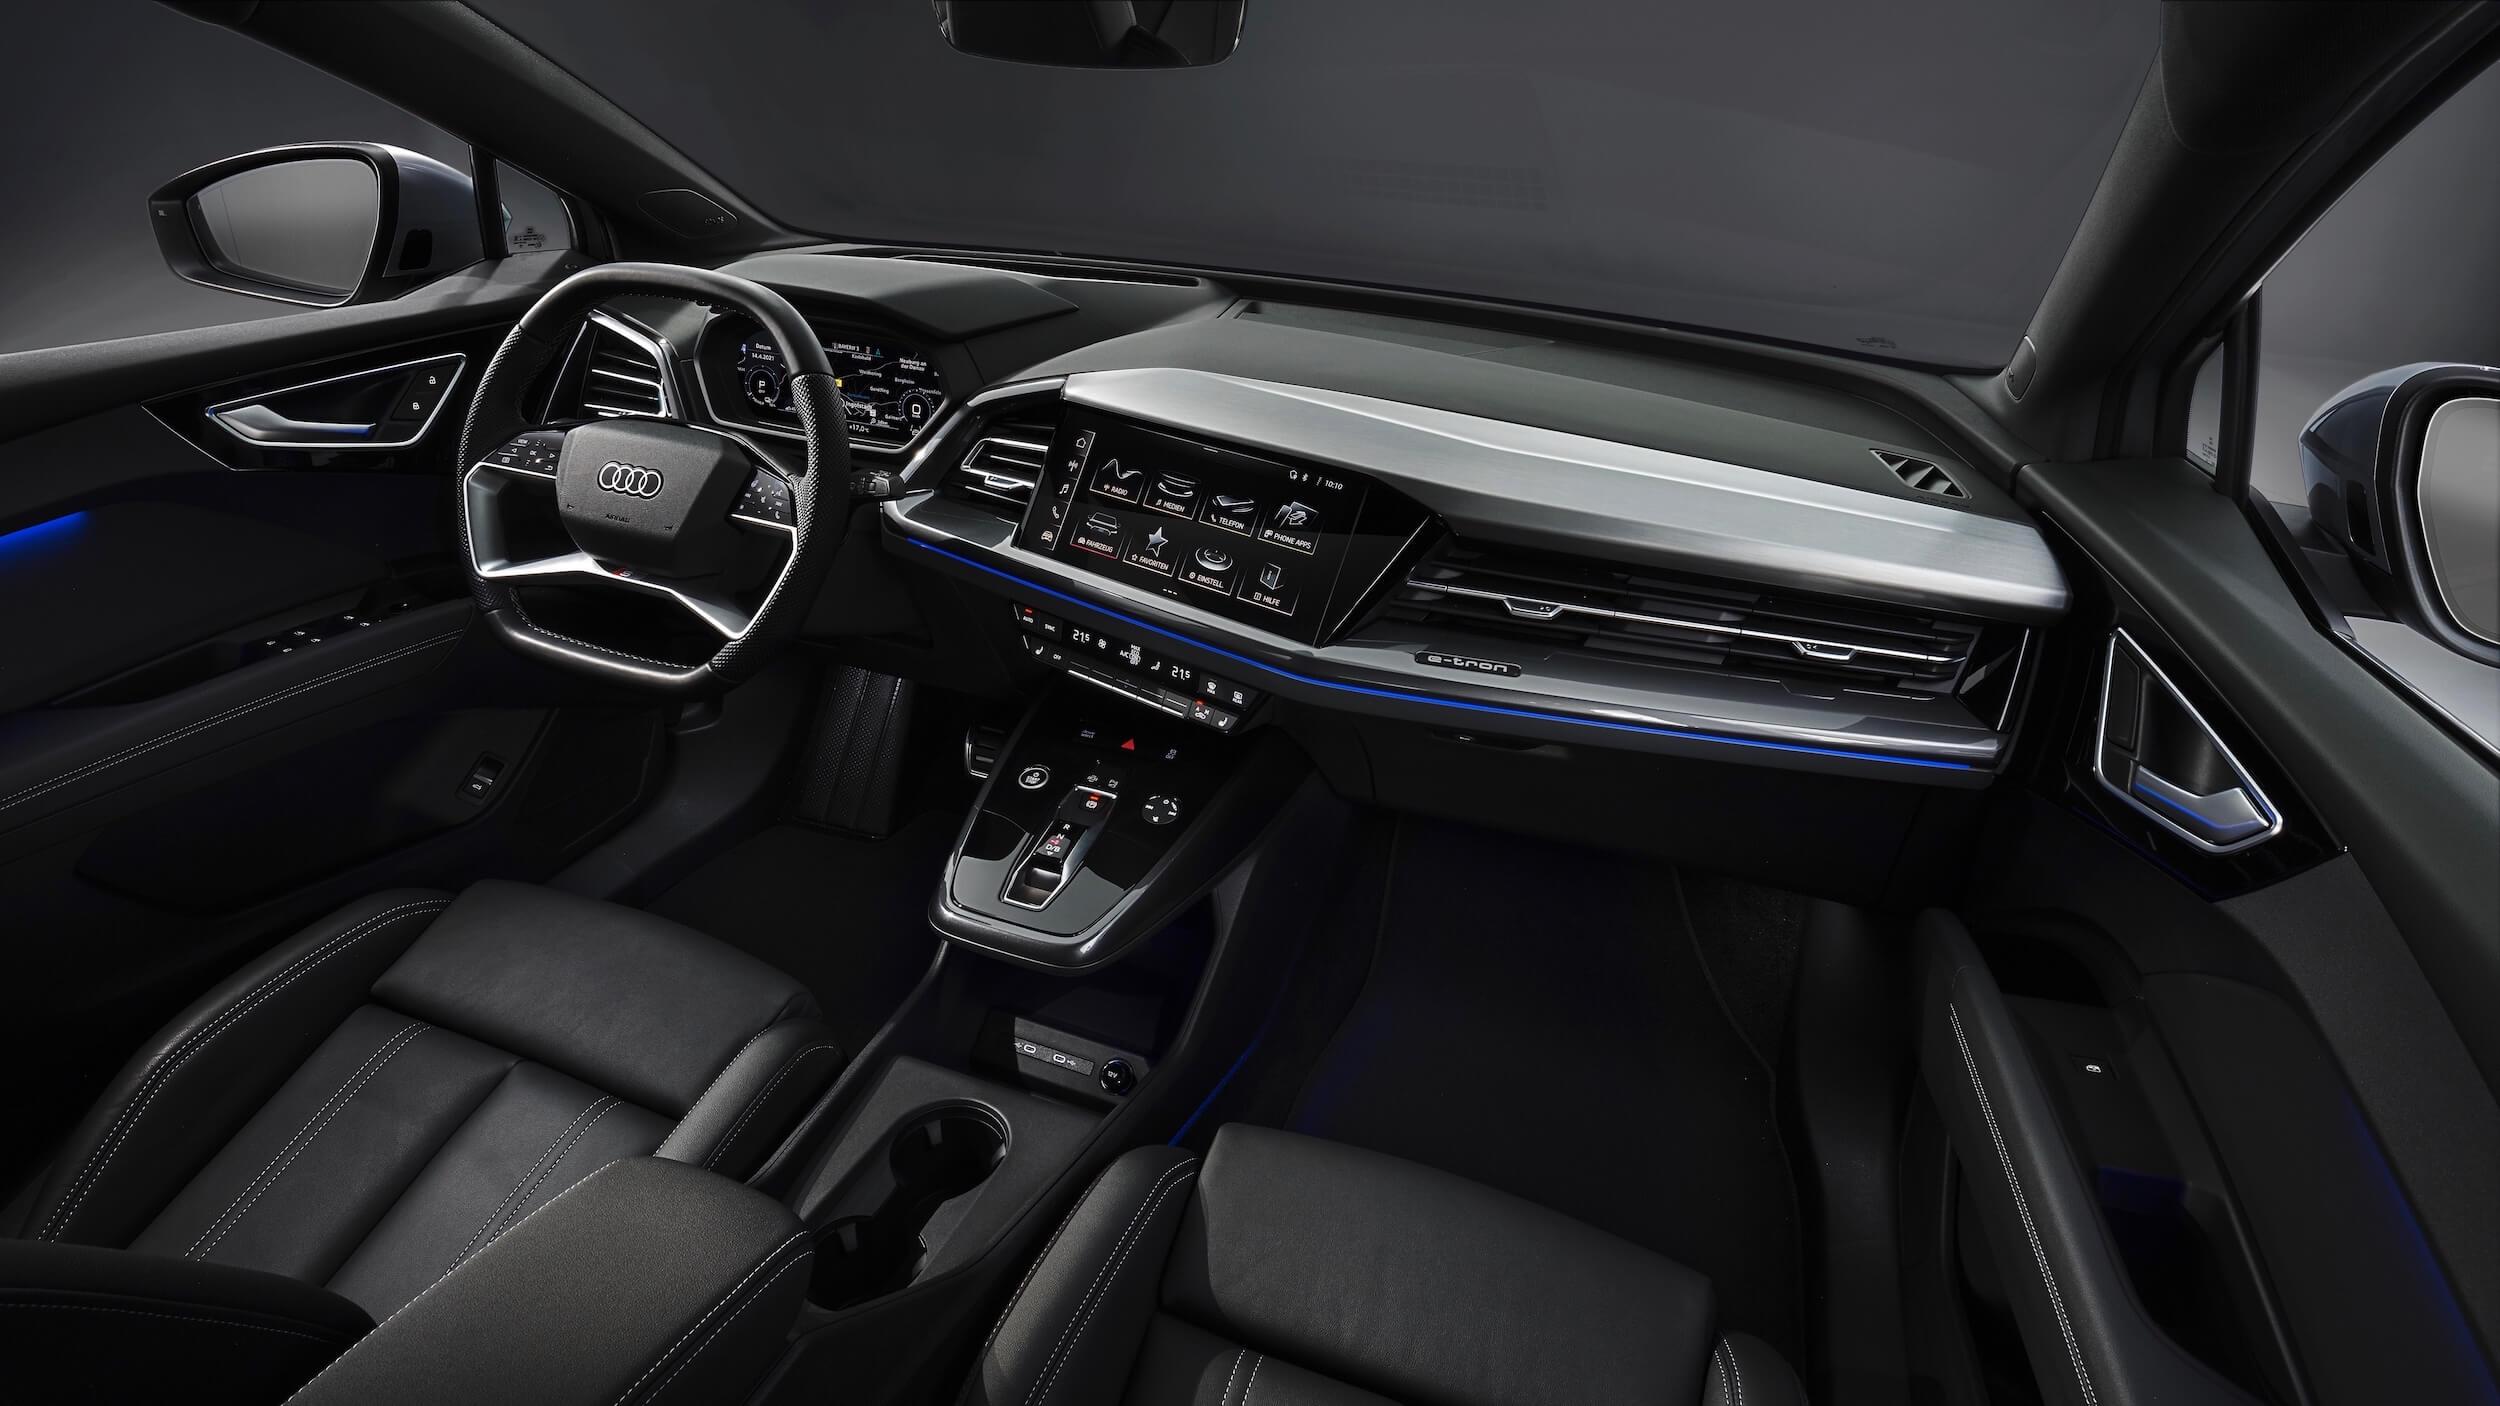 Audi Q4 e tron interieur